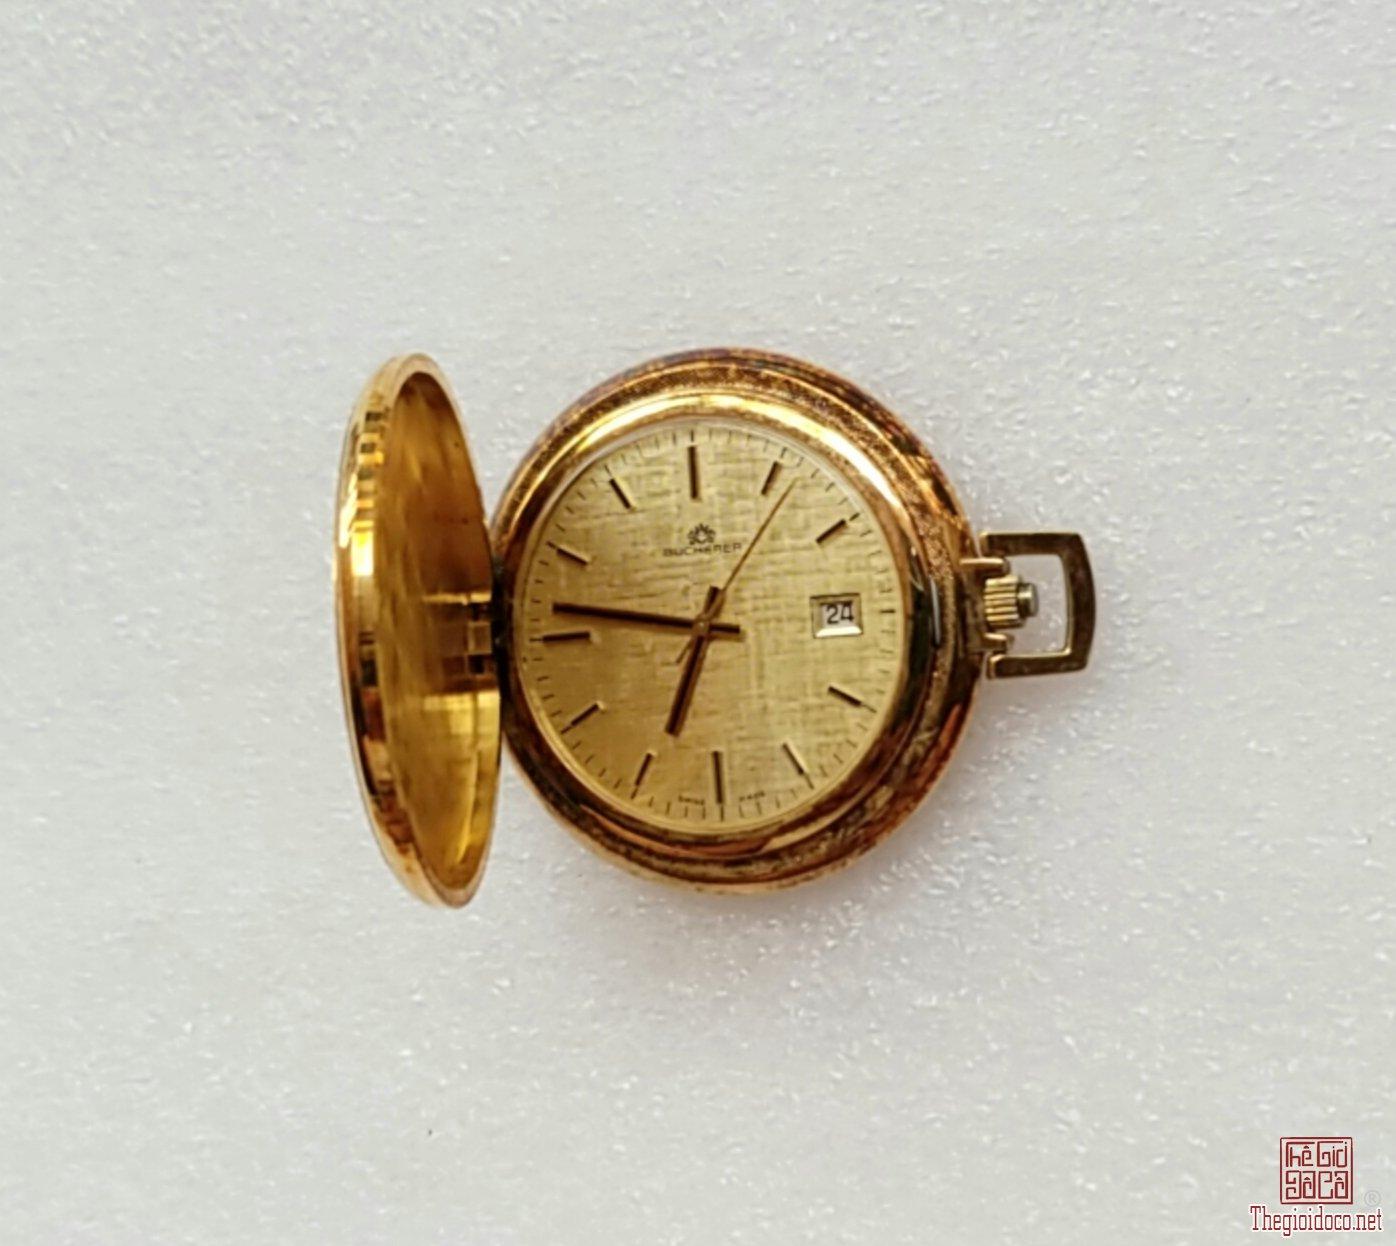 Đồng hồ Quýt xưa lên dây BUCHERER Thụy Sỹ